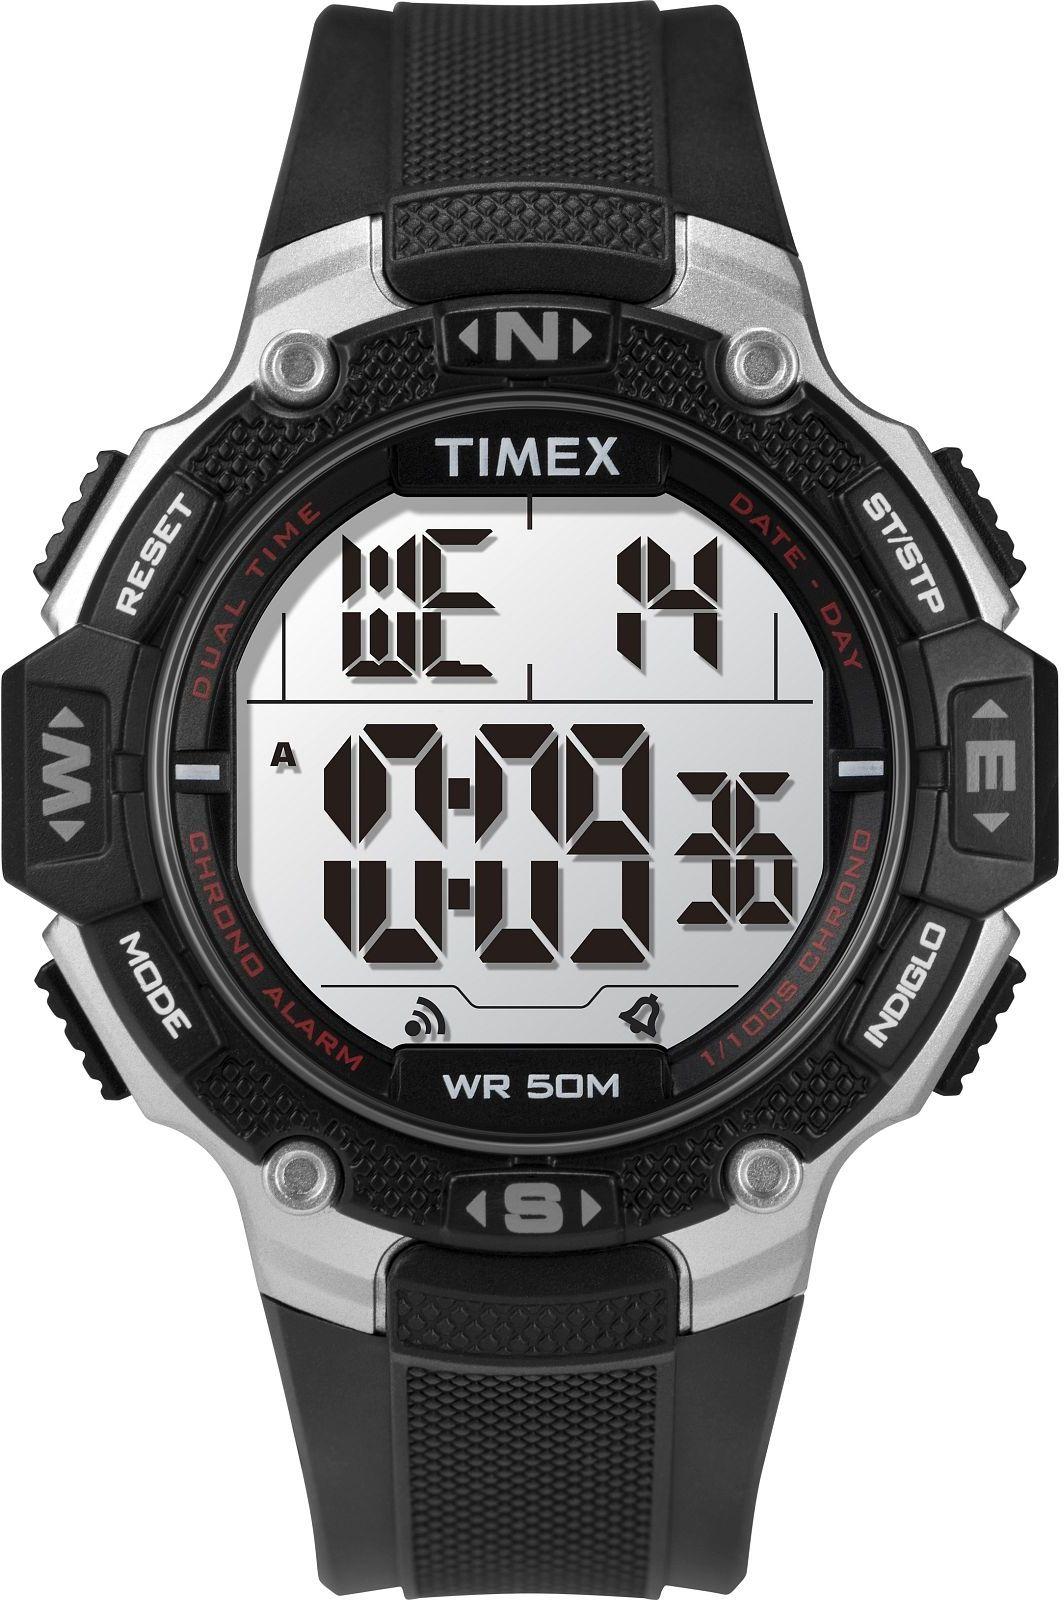 Timex TW5M41200 > Wysyłka tego samego dnia Grawer 0zł Darmowa dostawa Kurierem/Inpost Darmowy zwrot przez 100 DNI